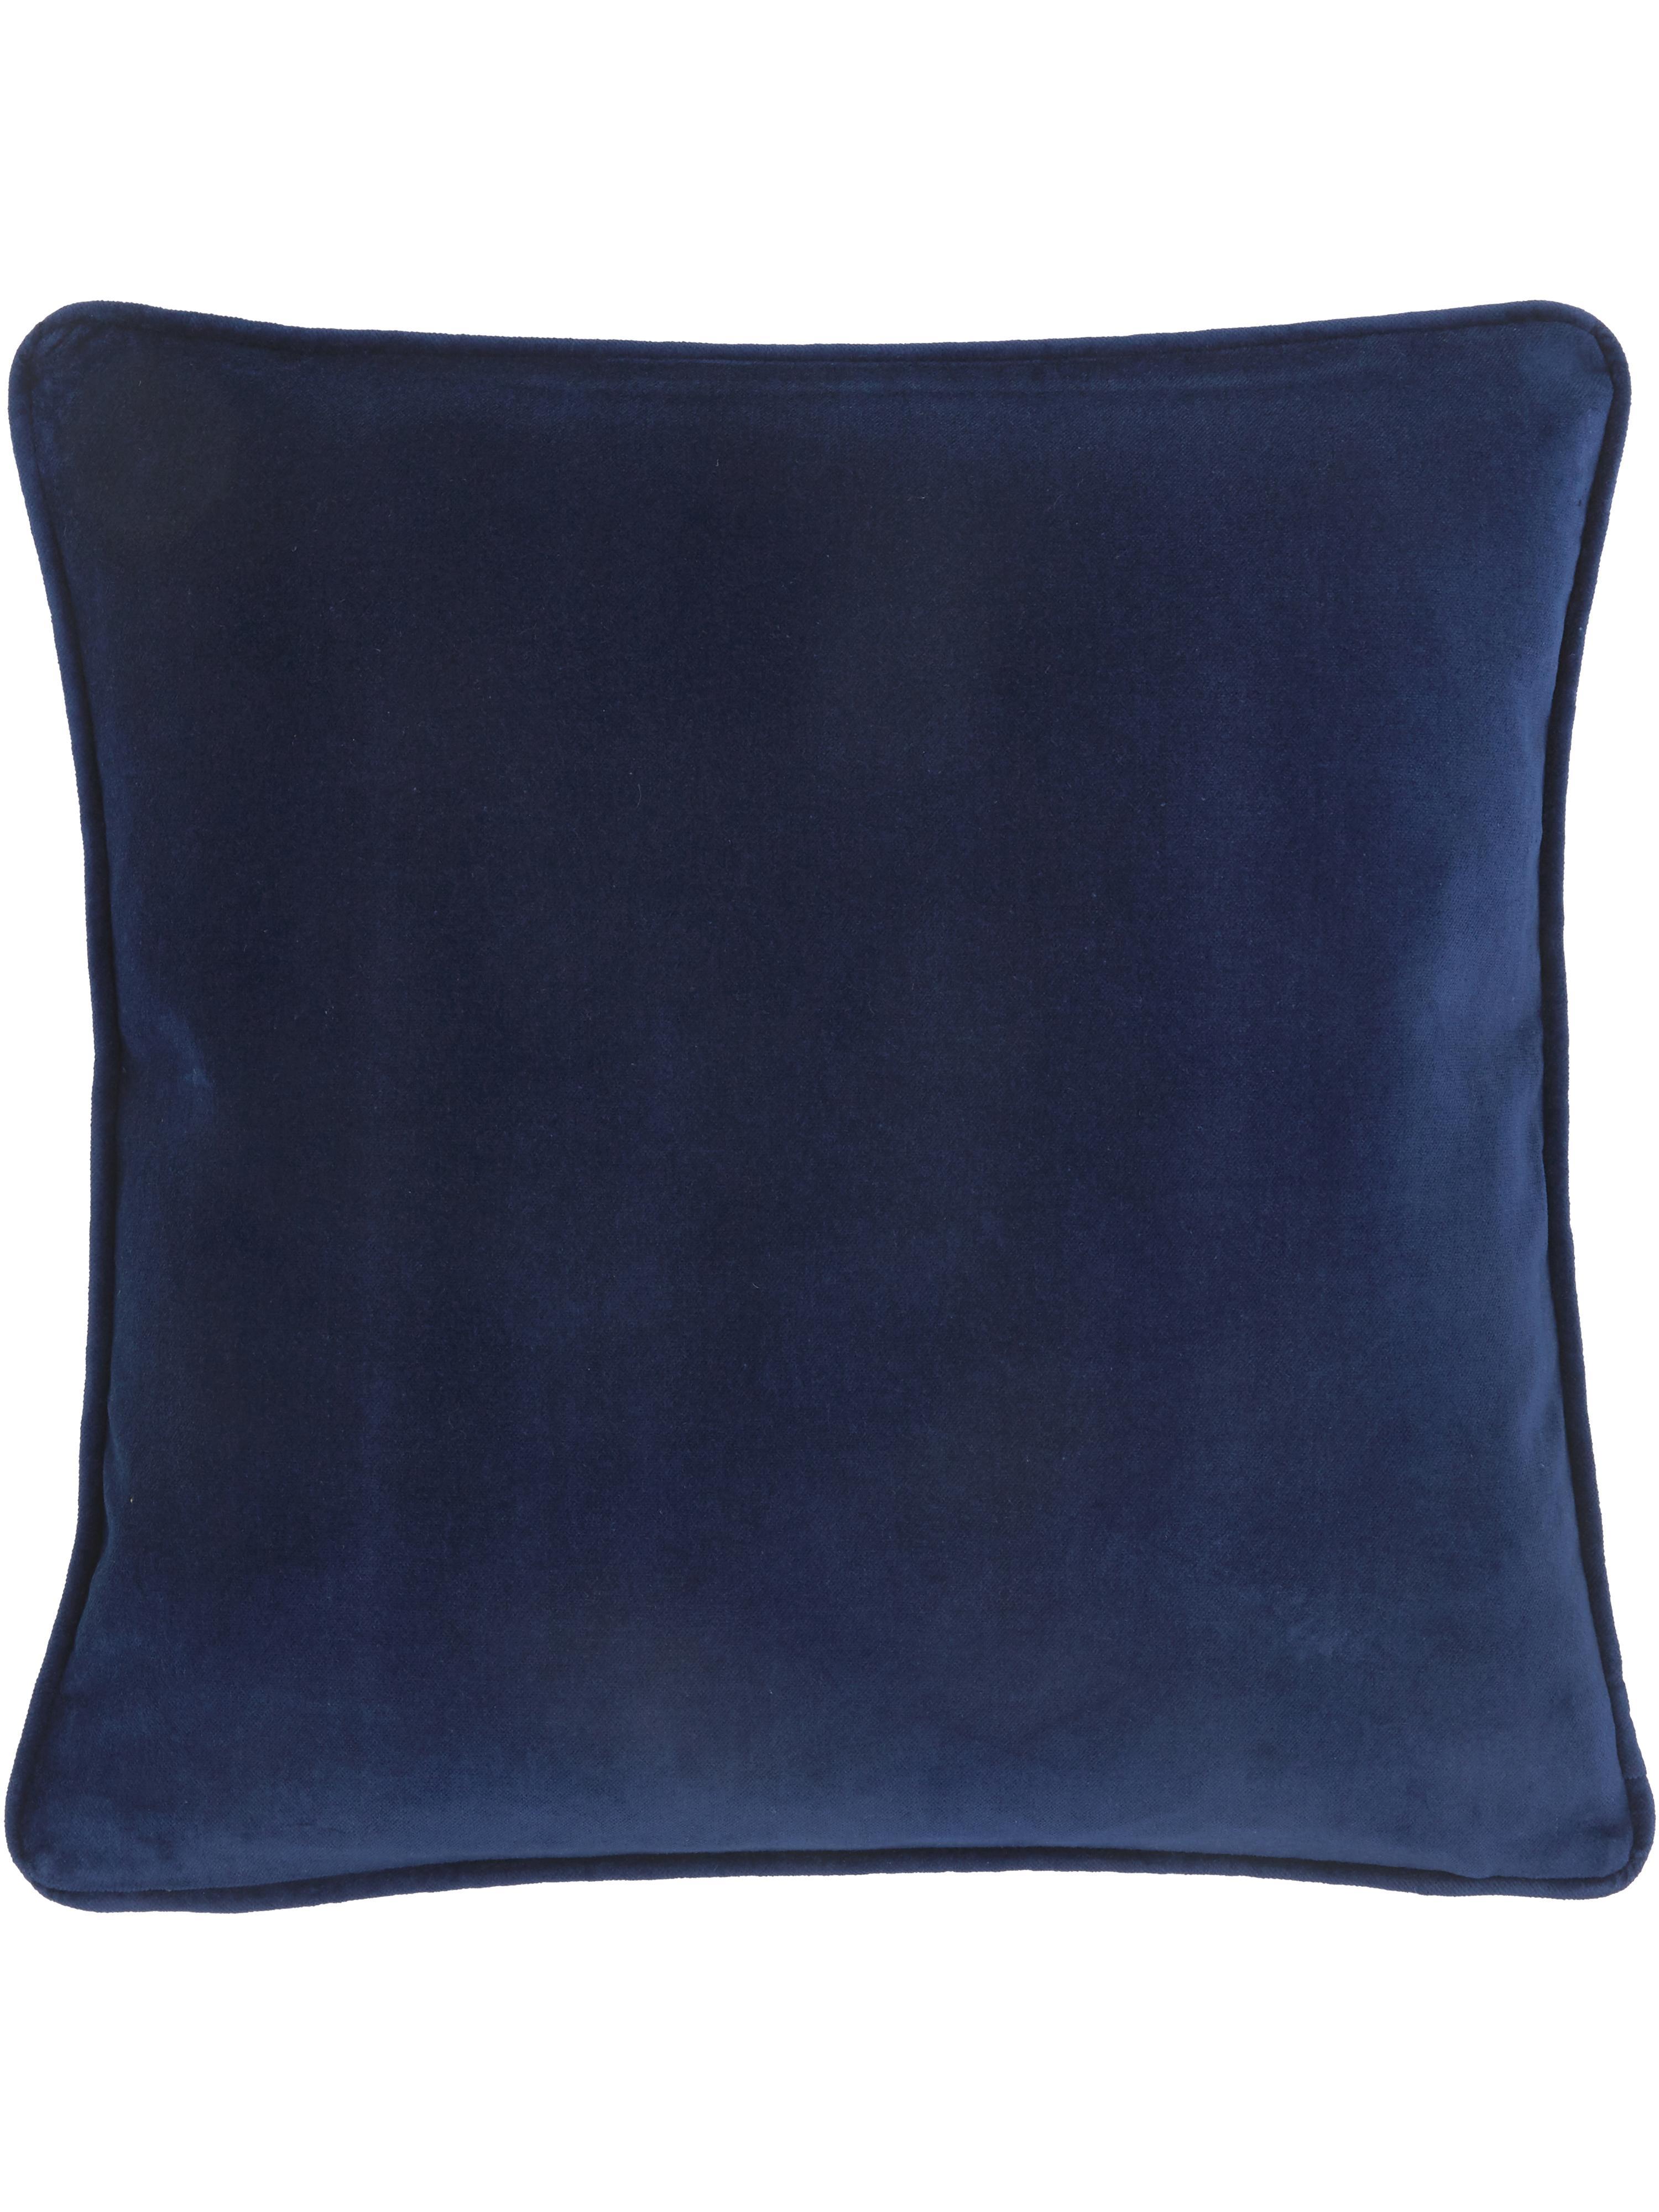 Effen fluwelen kussenhoes Dana in marineblauw, 100% katoenfluweel, Marineblauw, 40 x 40 cm